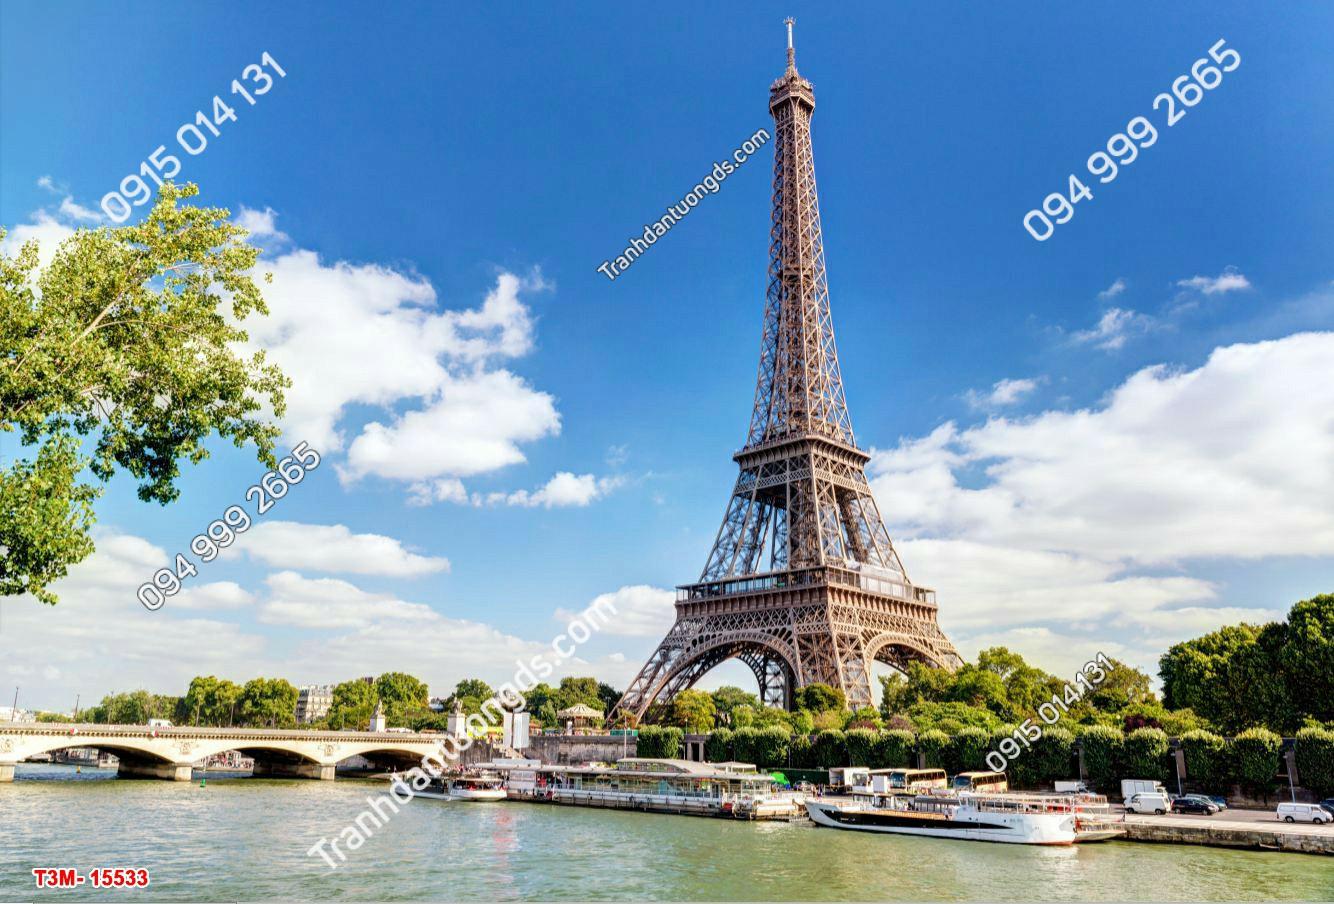 Tranh dán tường tháp Eiffel và trời xanh mây trắng- 15533